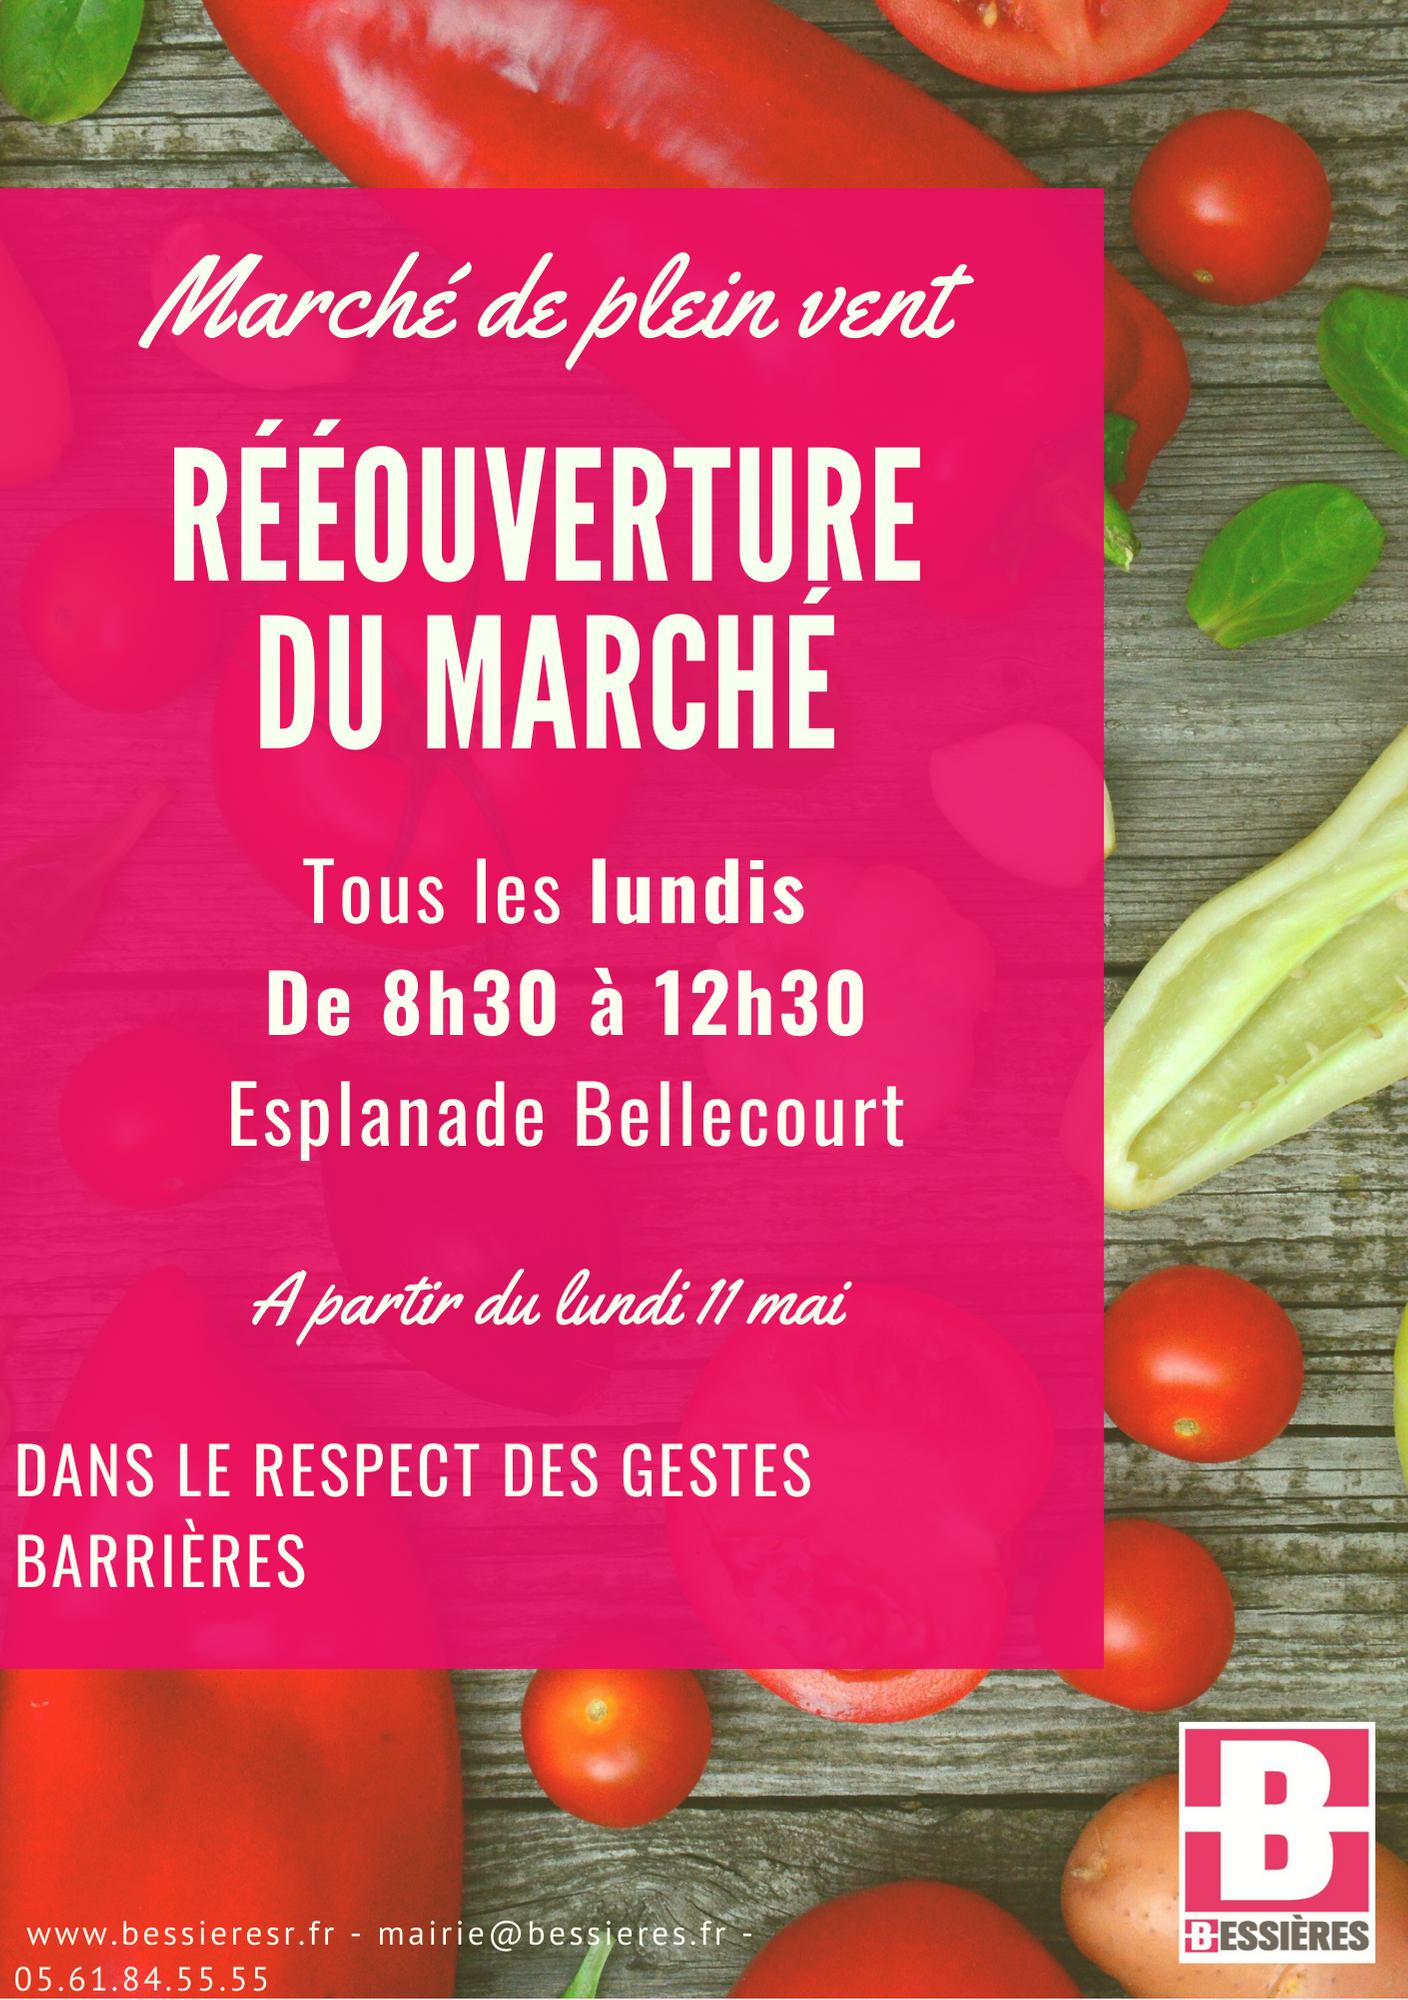 Réouverture du marché de plein vent à Bessières